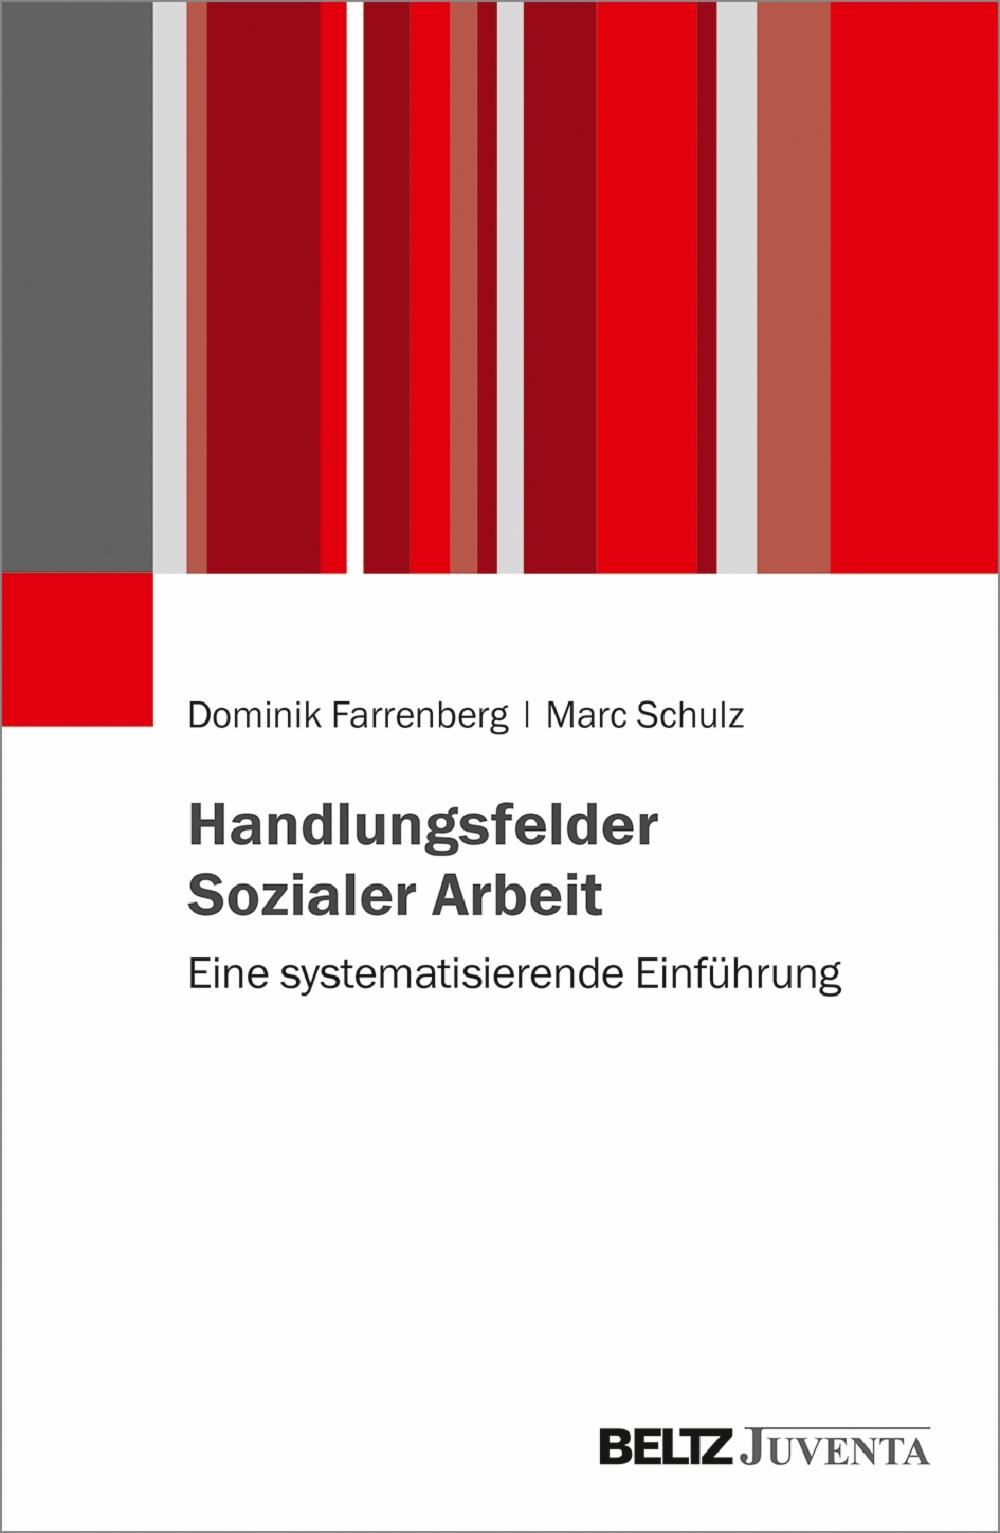 Handlungsfelder Sozialer Arbeit Eine Systematisierende Einführung Dominik Farrenberg Marc Schulz Beltz